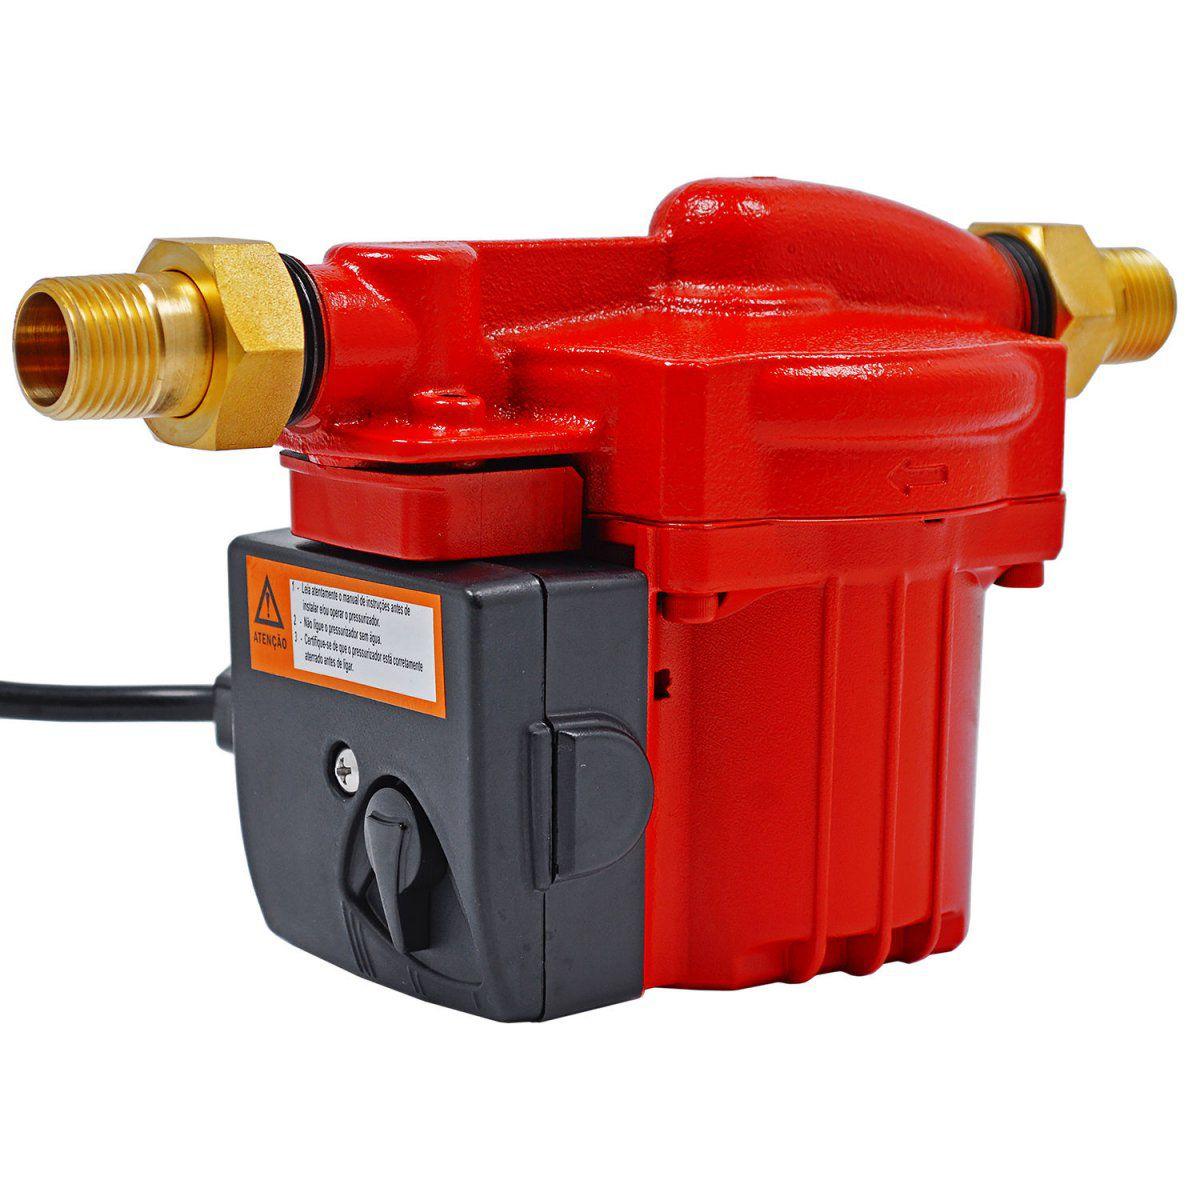 Bomba Pressurizadora de Água 120w 127v Worker